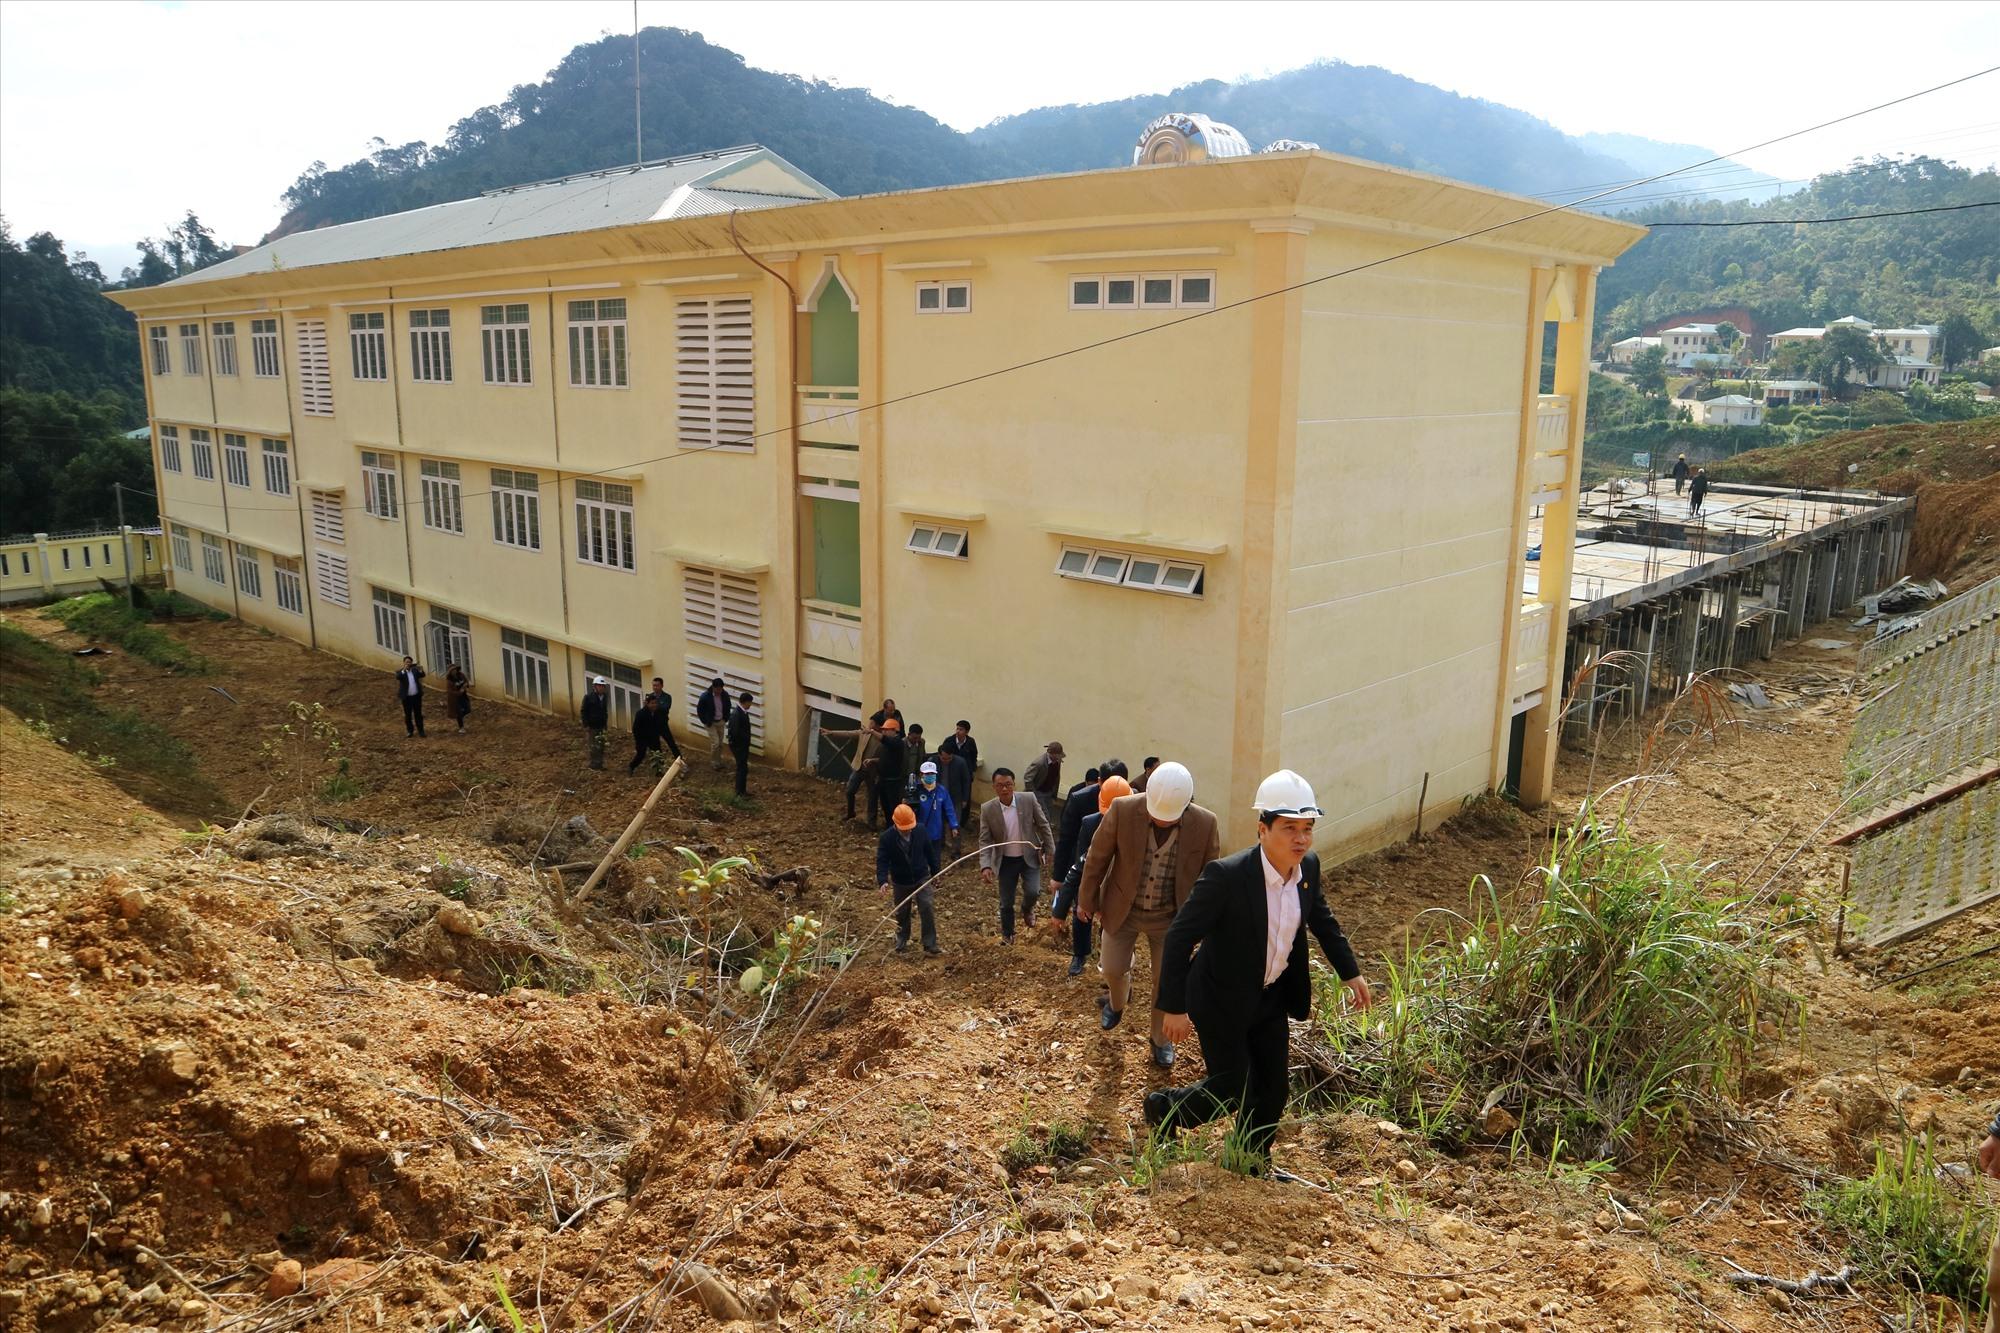 Phó Chủ tịch UBND tỉnh Trần Văn Tân khảo sạt vị trí sạt lở phía taluy dương của Trường THPT Võ Chí Công. Ảnh: A.N